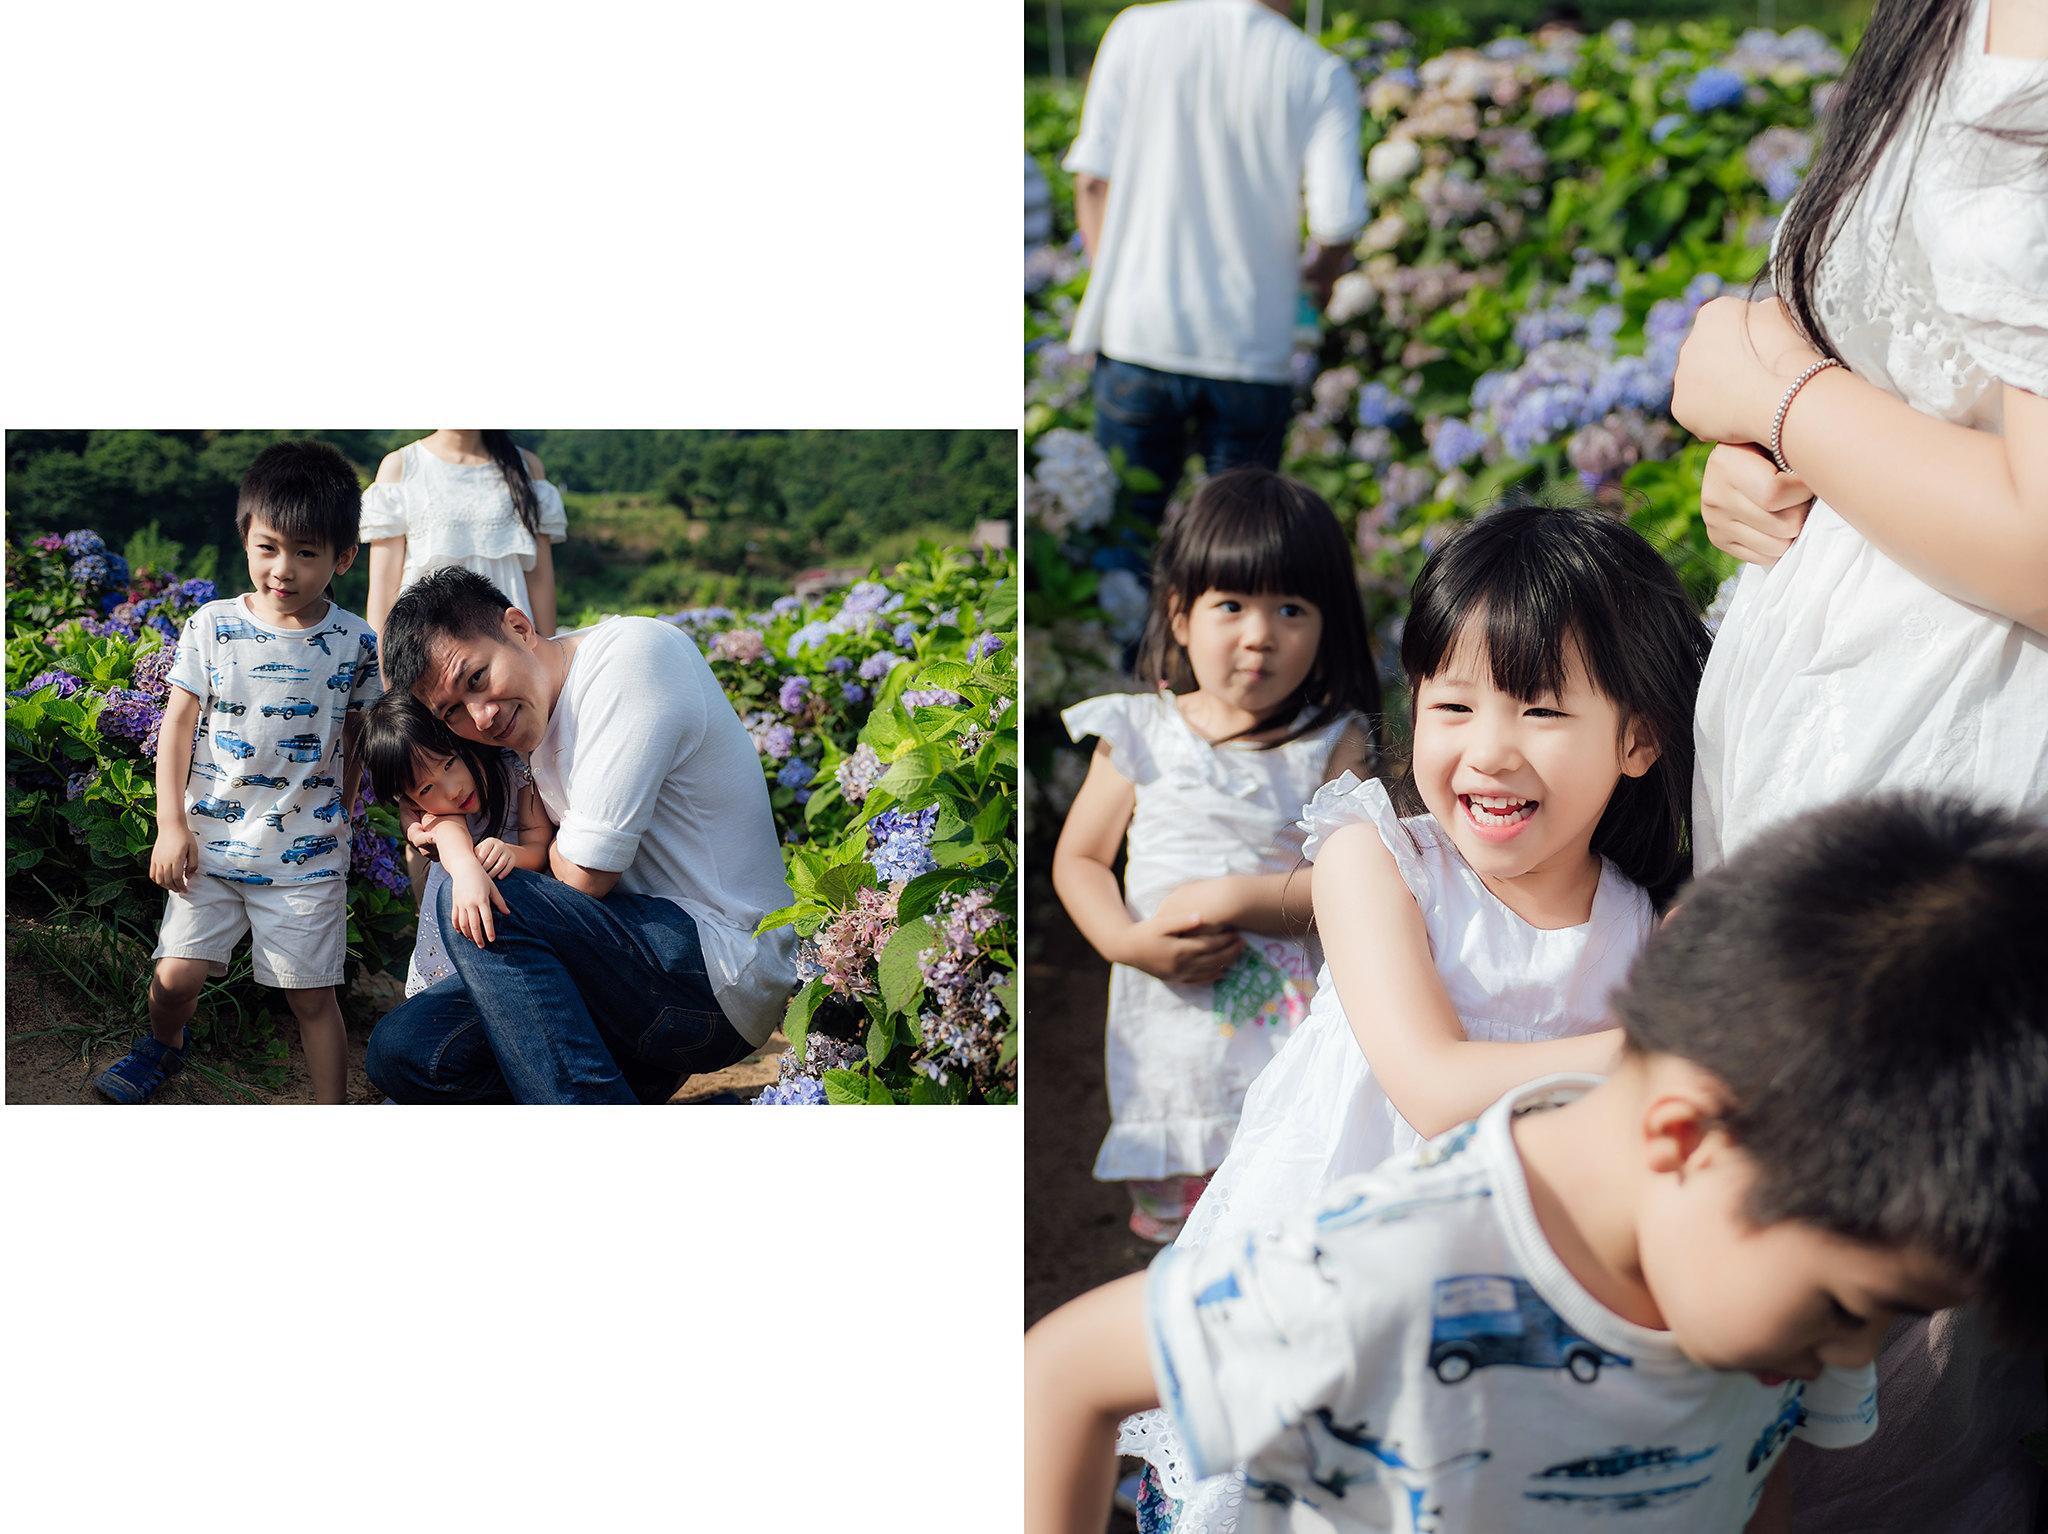 45051368211 d0d9a9570a k - 【親子寫真】+Cathy family+